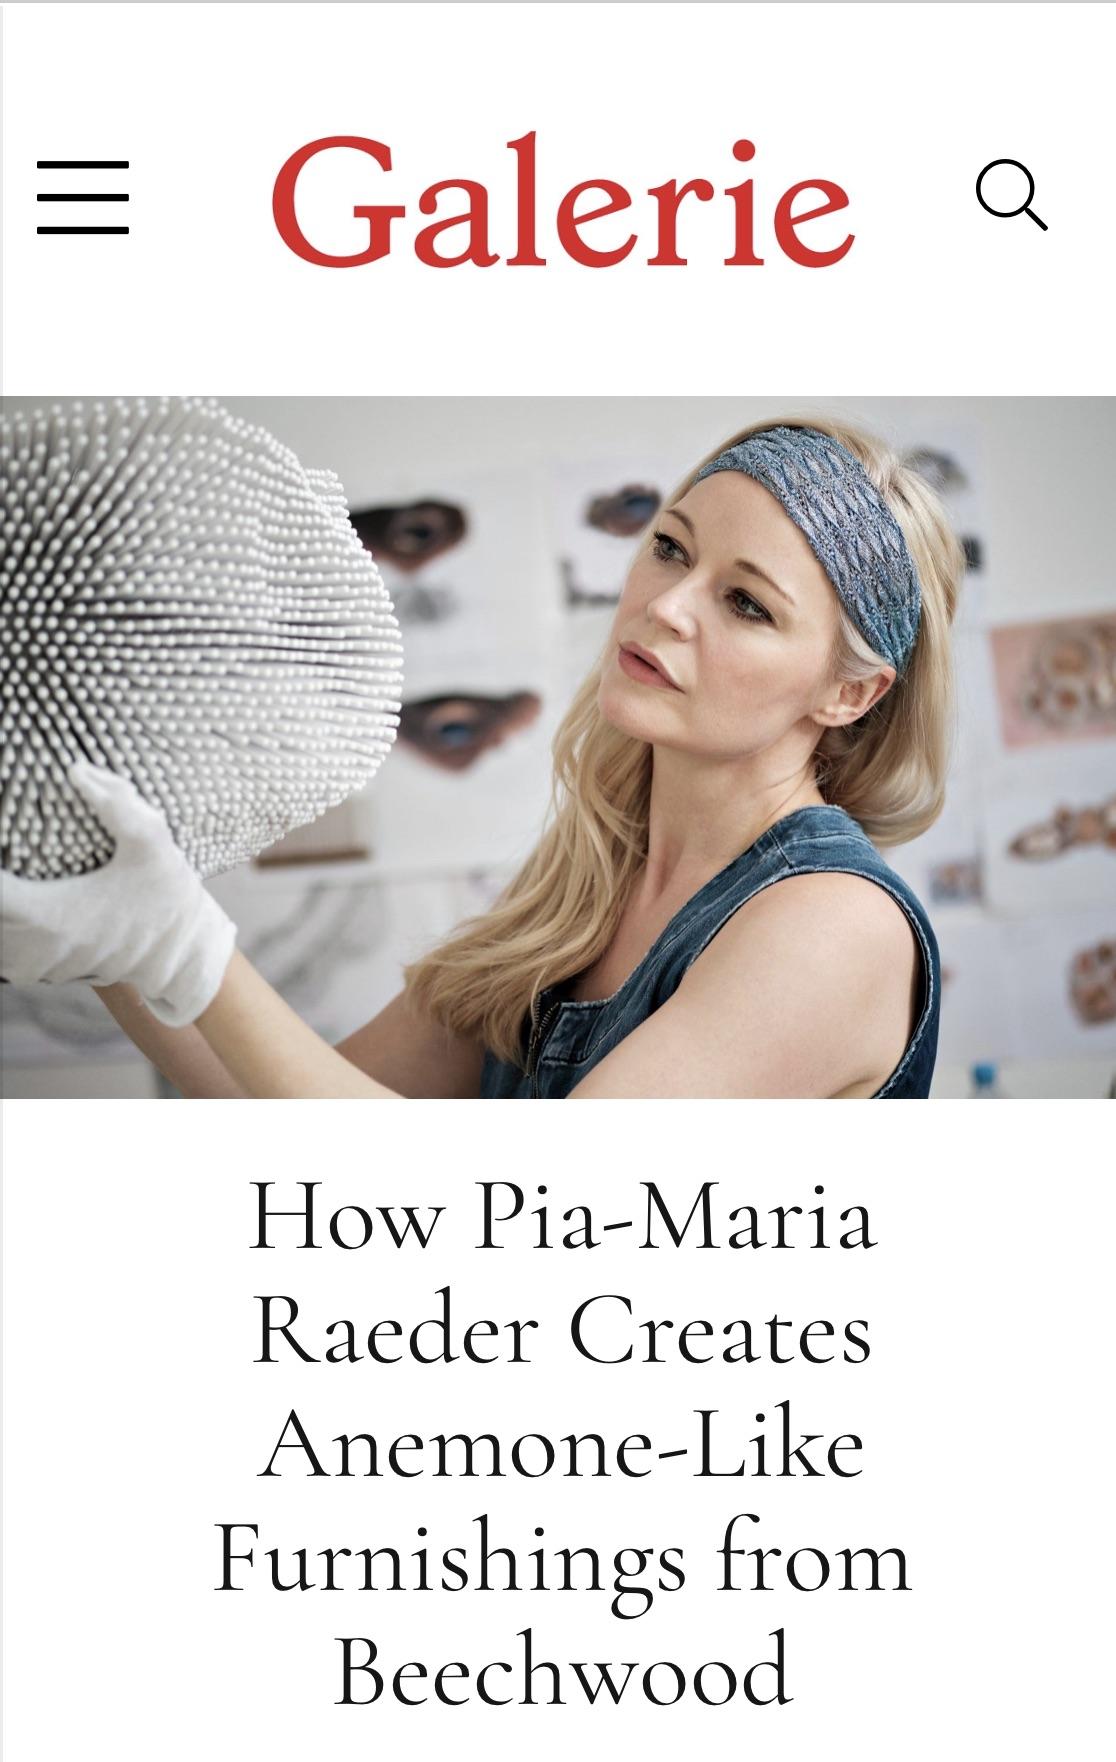 Pia-Maria Raeder in Galerie Magazine, Rima Suqi